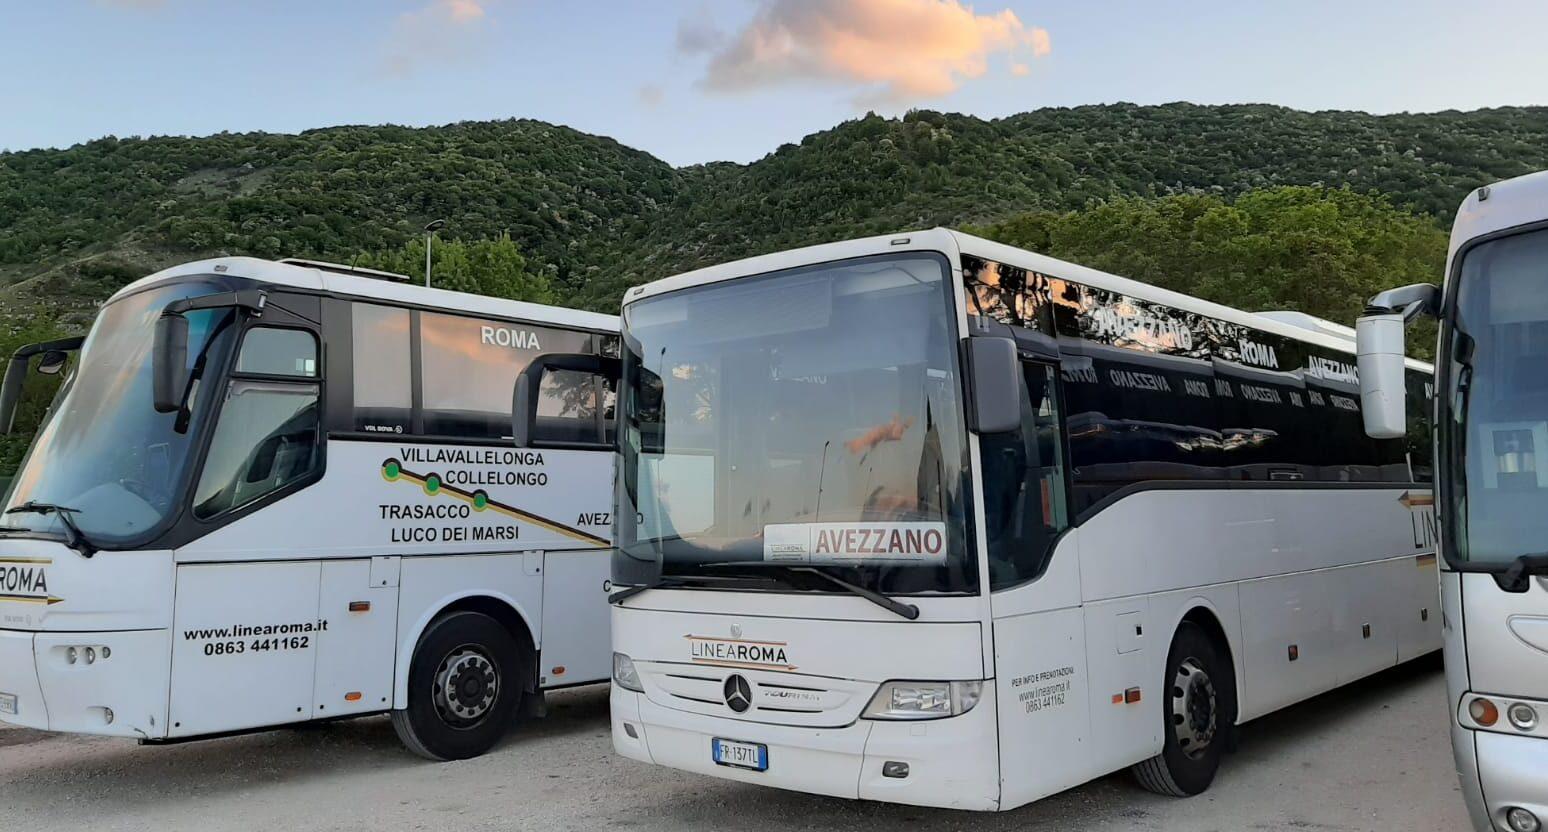 """Bianchi Tour con LineaRoma continua la sua attività anche in zona rossa: """"Vogliamo garantire i servizi ai nostri clienti per far fronte alle necessità"""""""